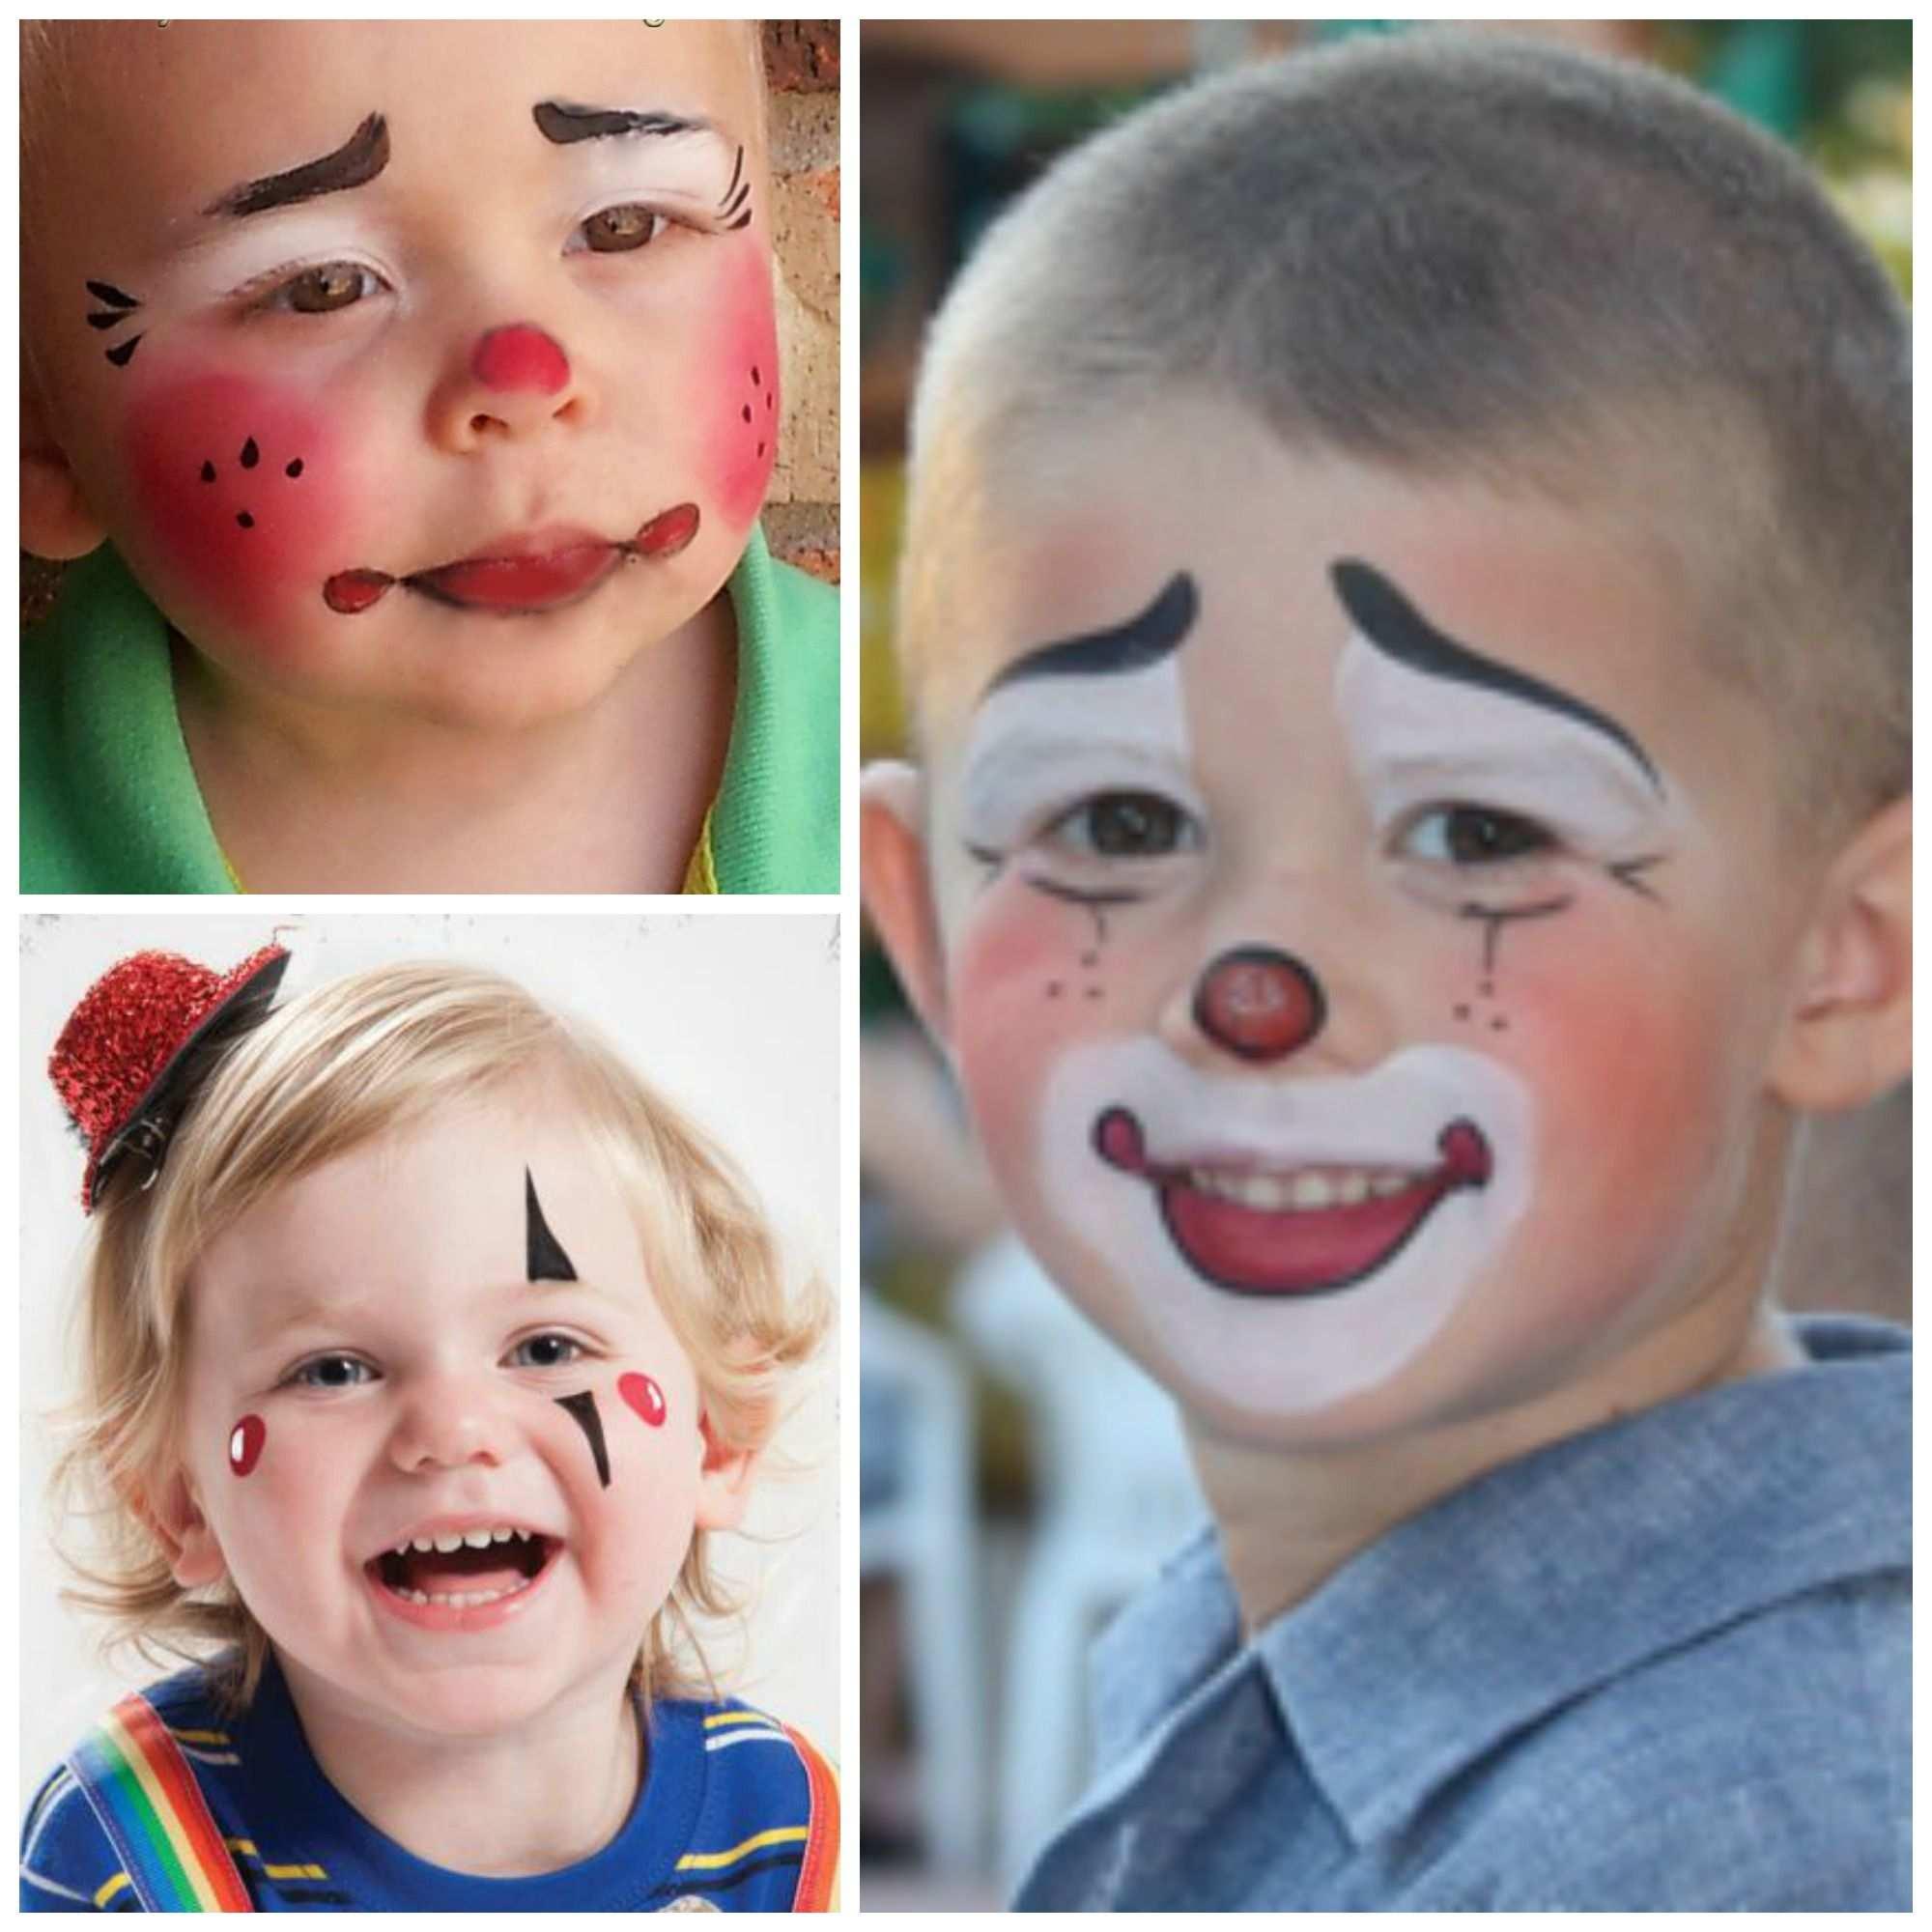 Kinderschminken Fur Kleinkinder 3 Vorlagen Fur Clowns Die Auch Den Ganz Kleinen Gefallen Kinder Schminken Kinderschminken Einfache Gesichtsmalerei